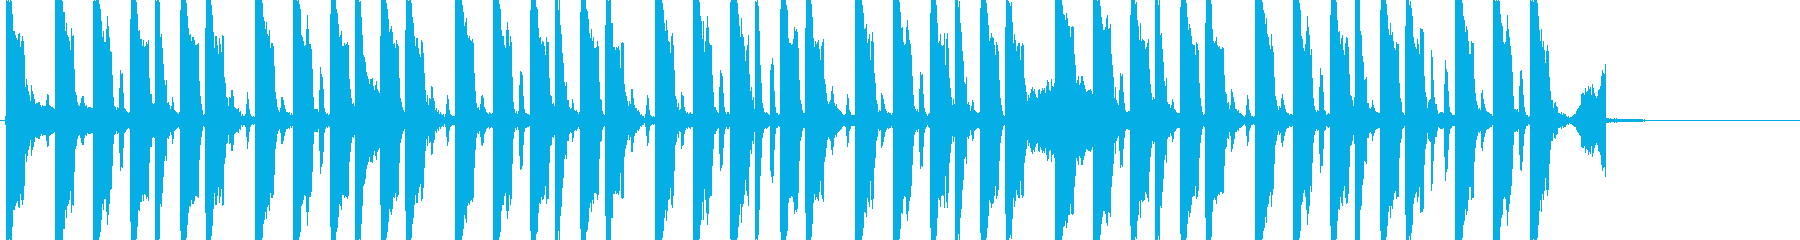 クール・オシャレ・ファッショナブル・都会の再生済みの波形